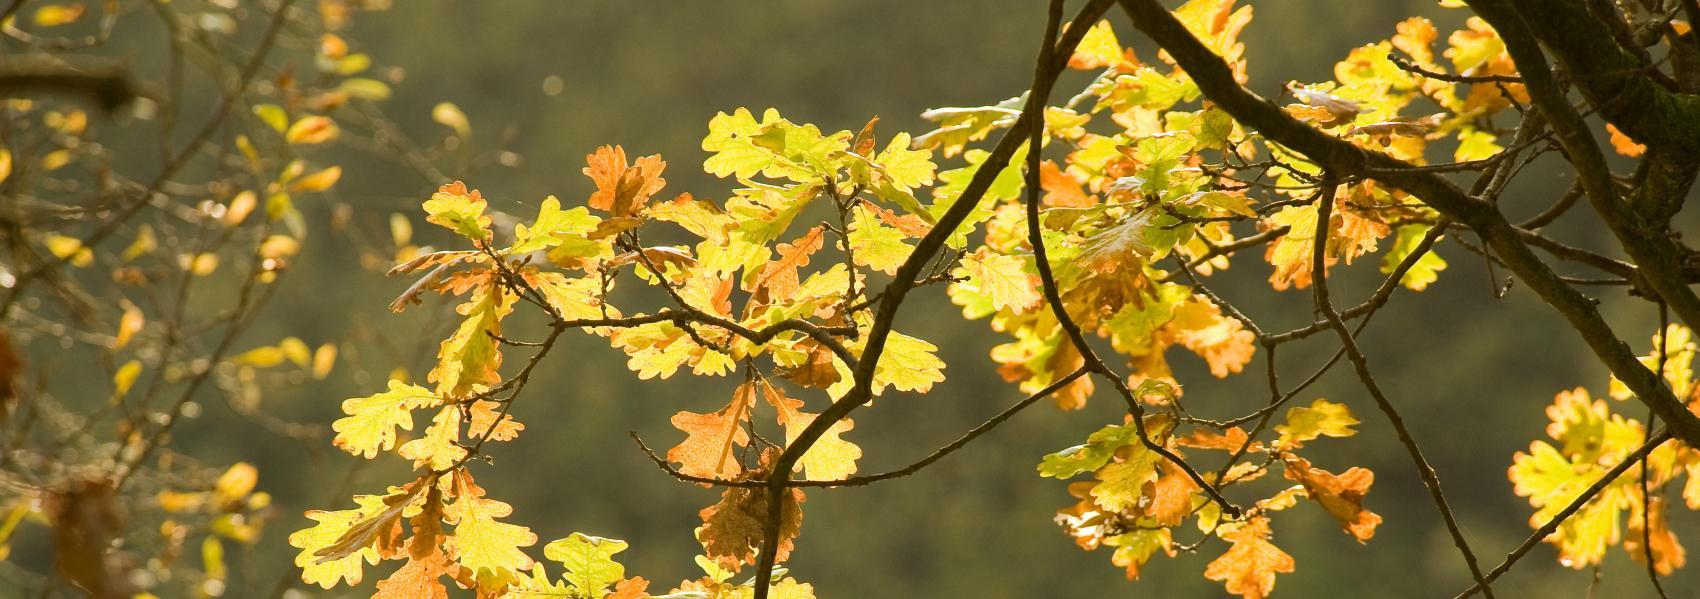 bladeren van de zomereik